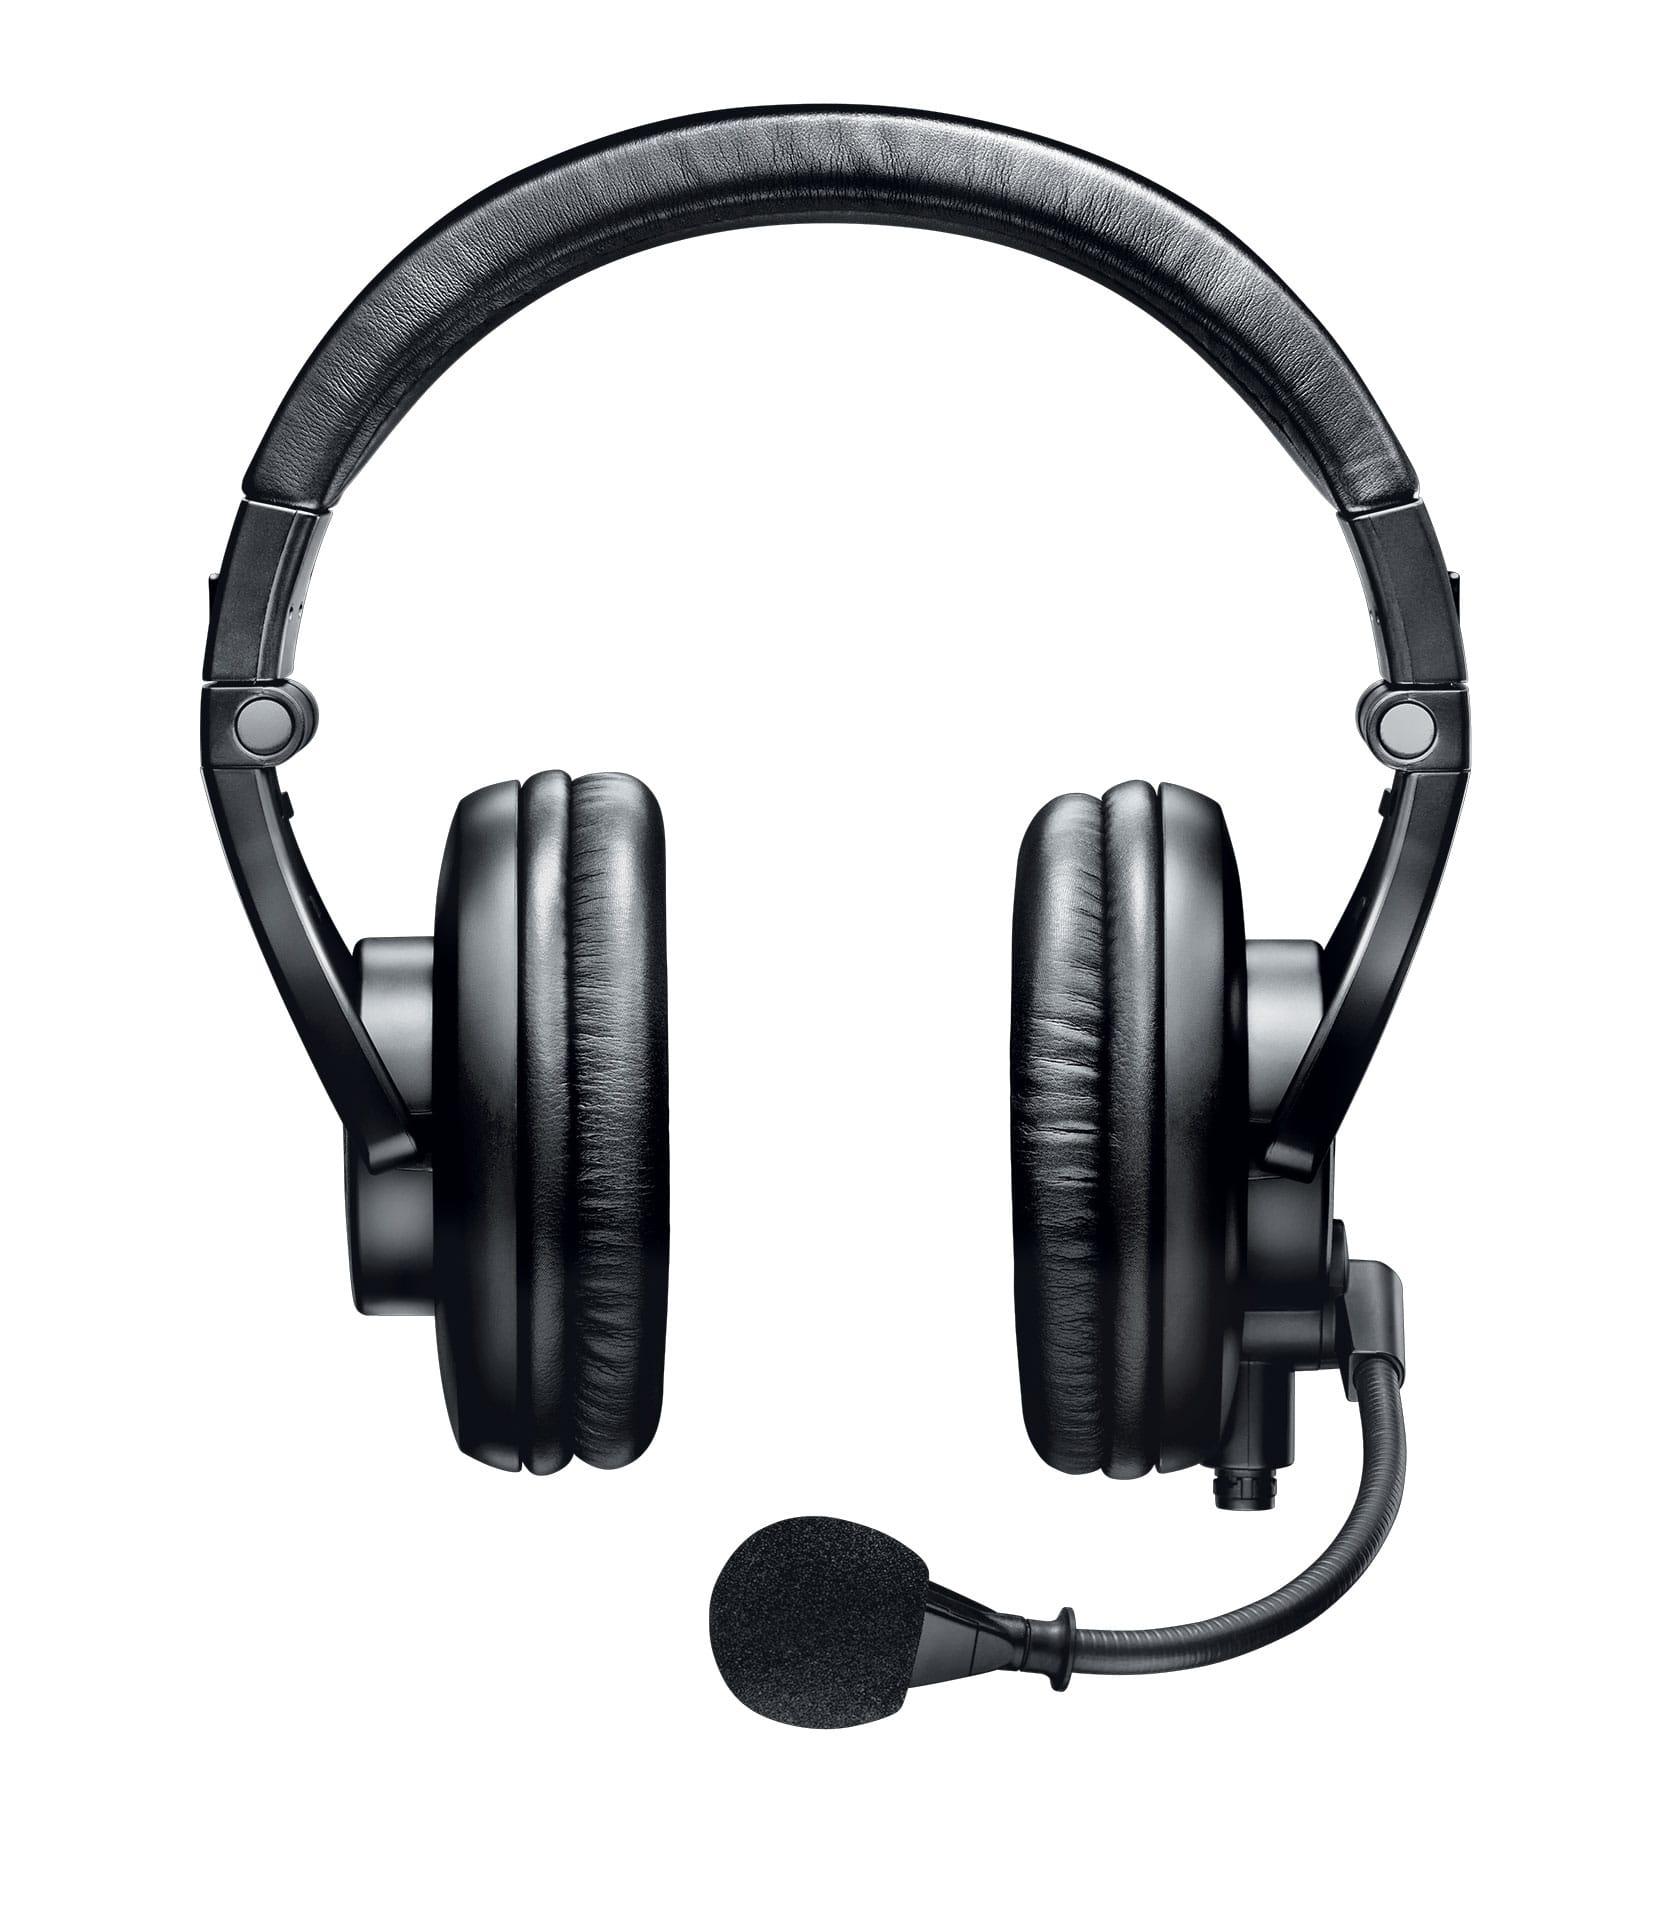 BRH440M - Buy Online